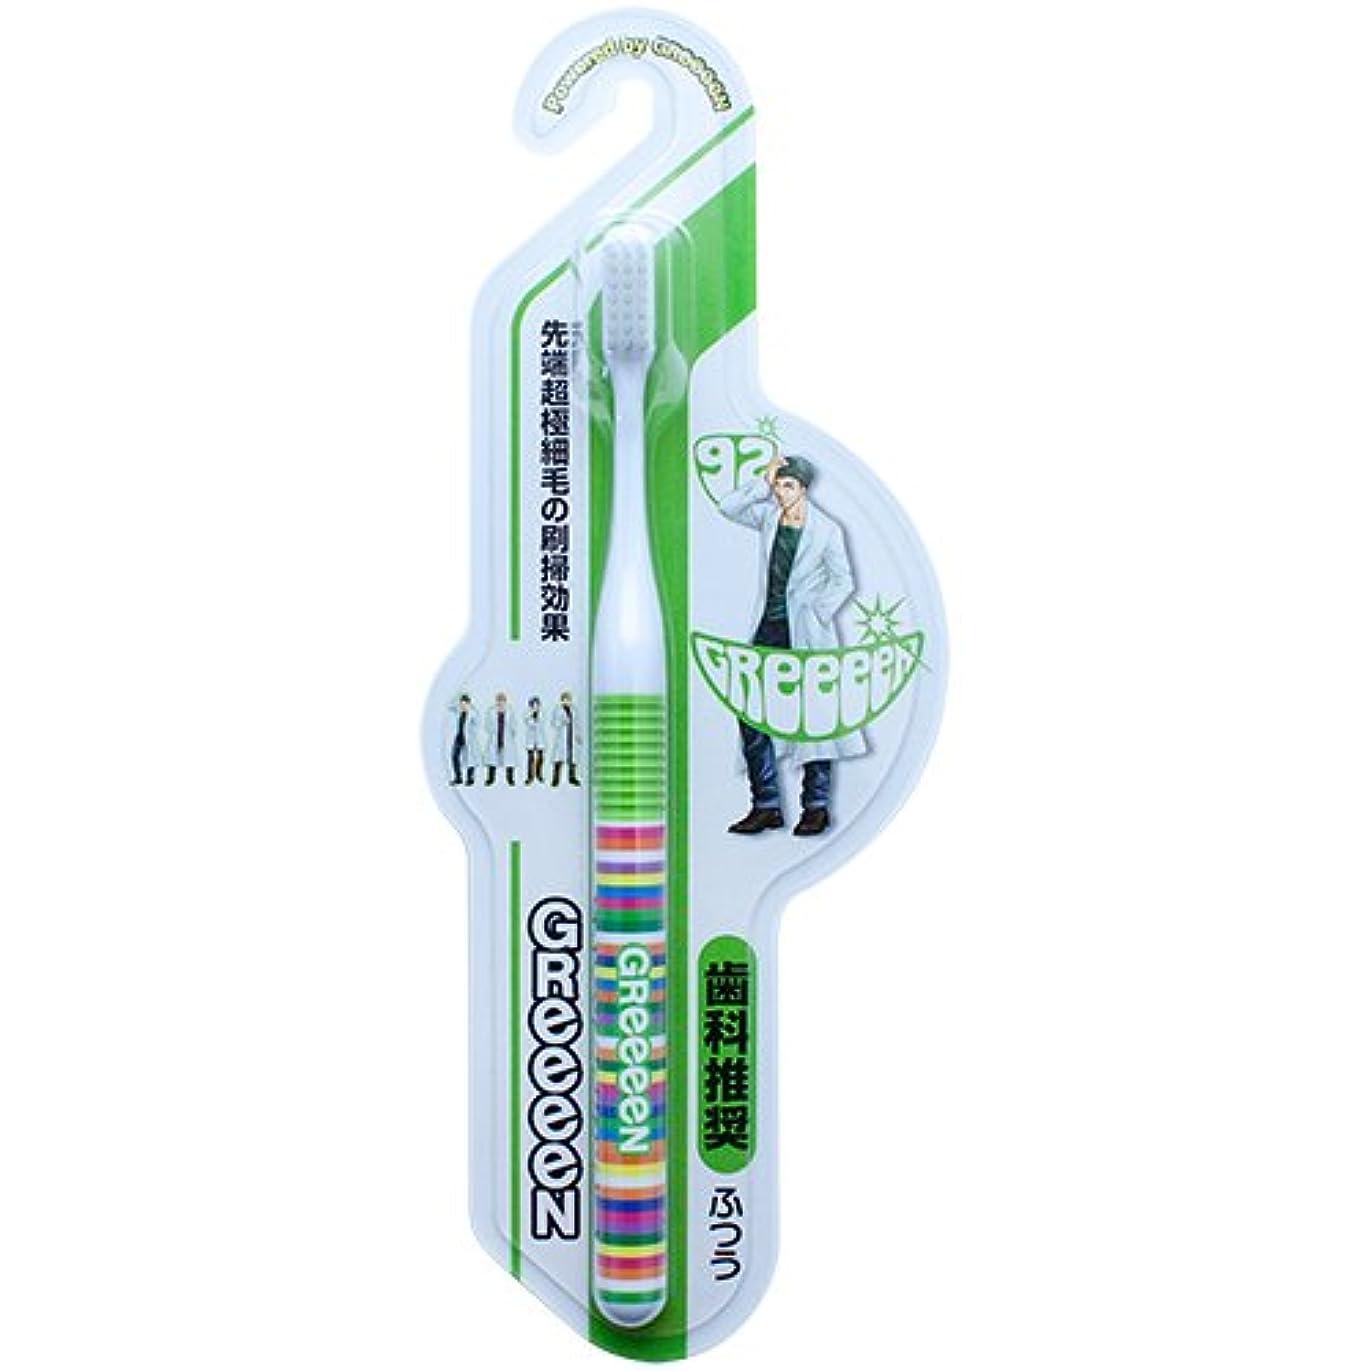 祈り統計的一部GReeeeN 3列ヘッドラバーグリップ超極細毛歯ブラシ SIRO 92 1本